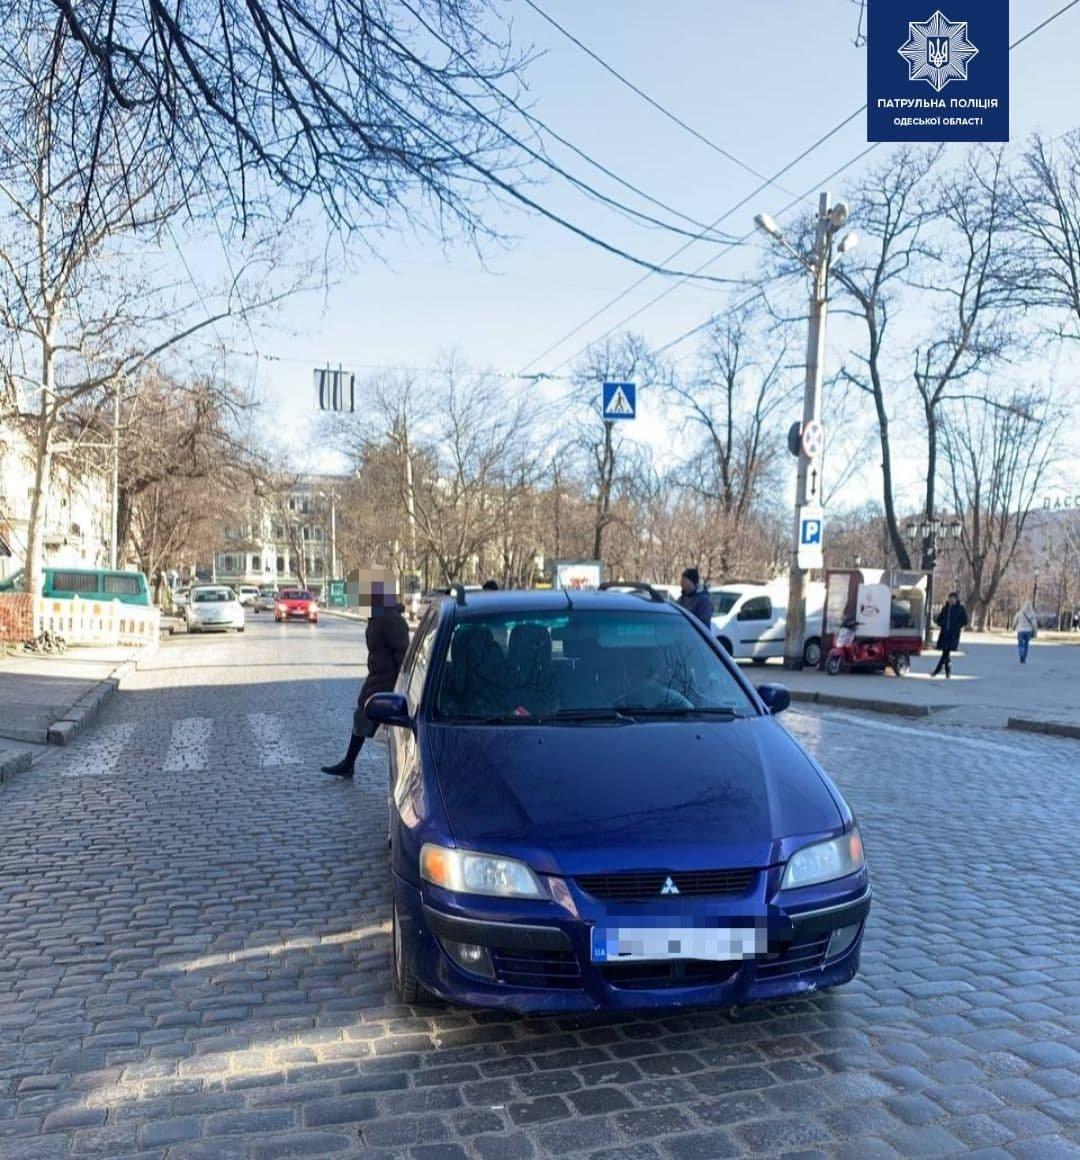 В центре Одессы автомобиль сбил девушку прямо на зебре, - ФОТО, фото-2